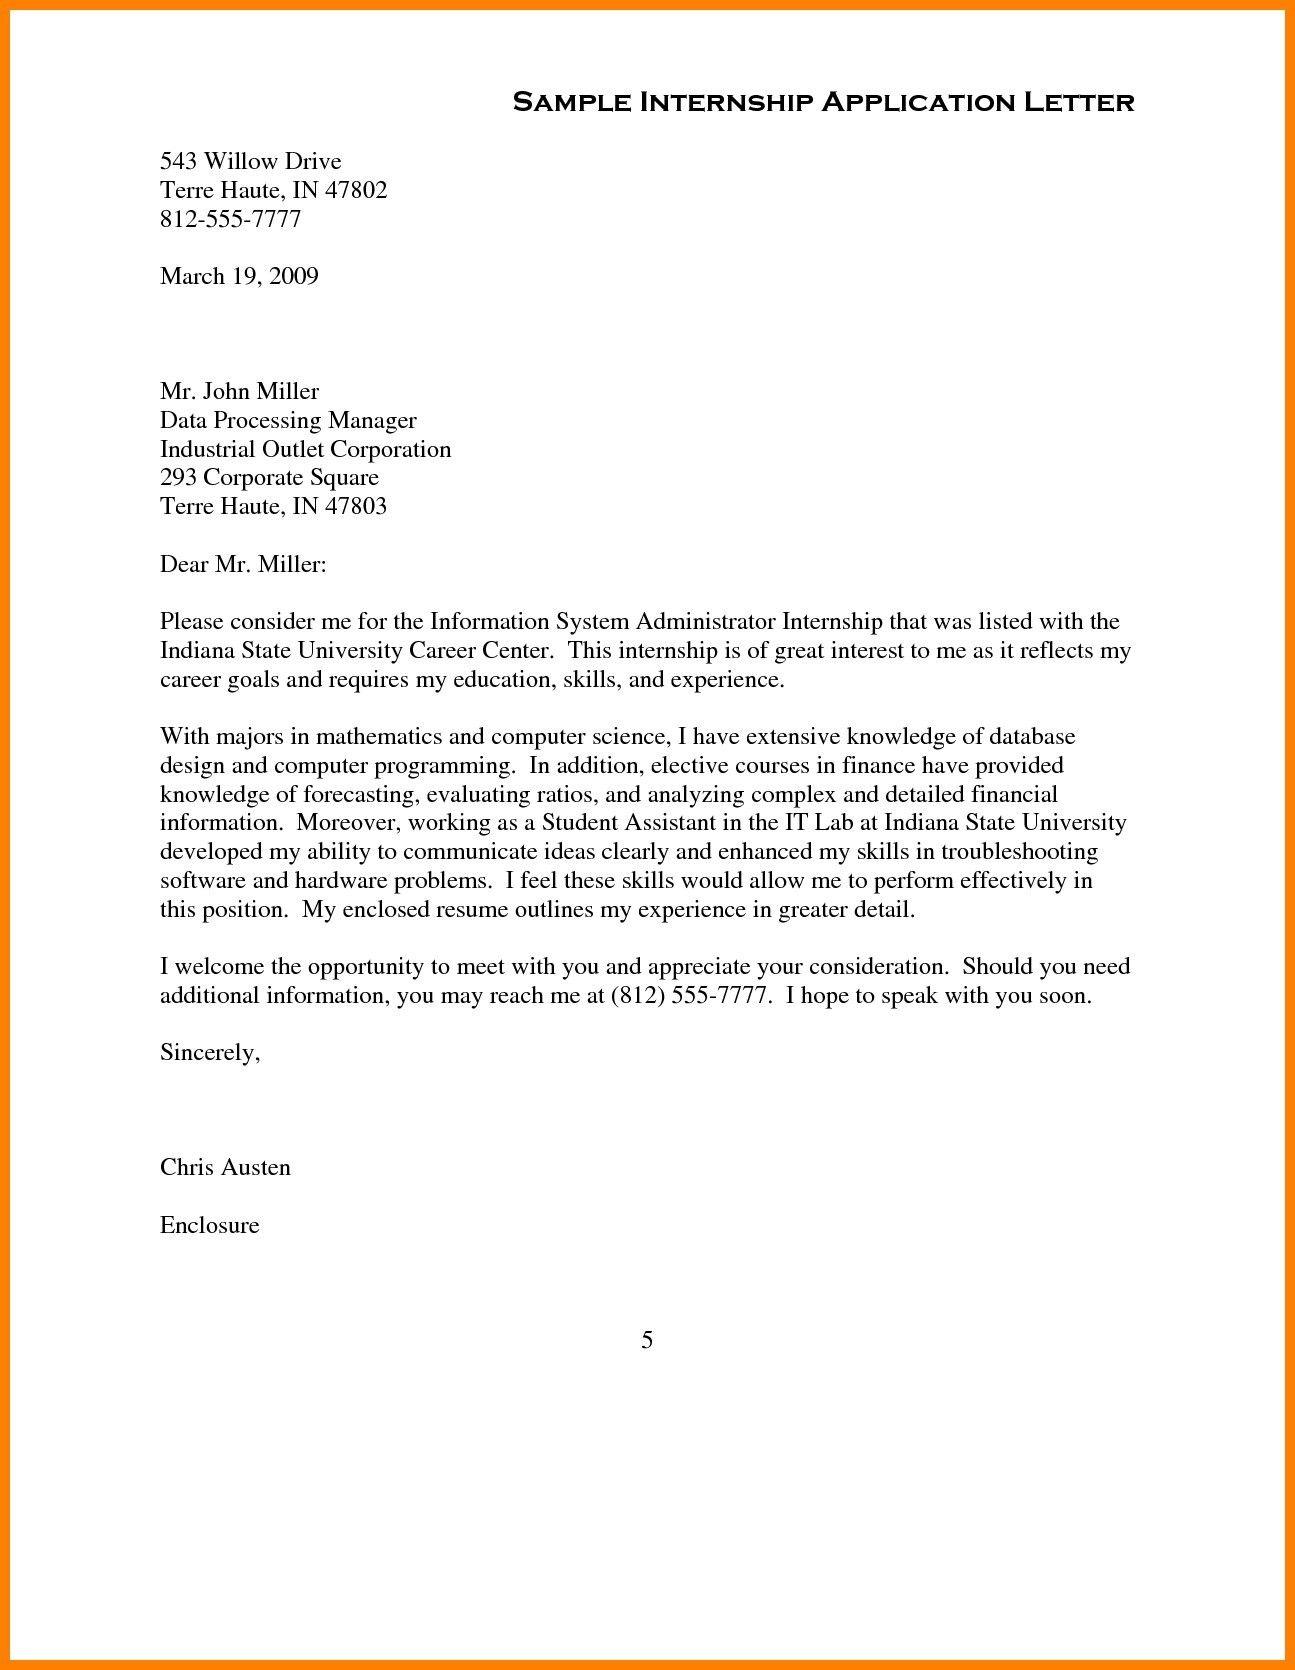 Best Refrence By Httpwaldwert Visit Details Http Httpwaldwert Org Sample Letter Full Application Letters Application Letter Sample Business Letter Format